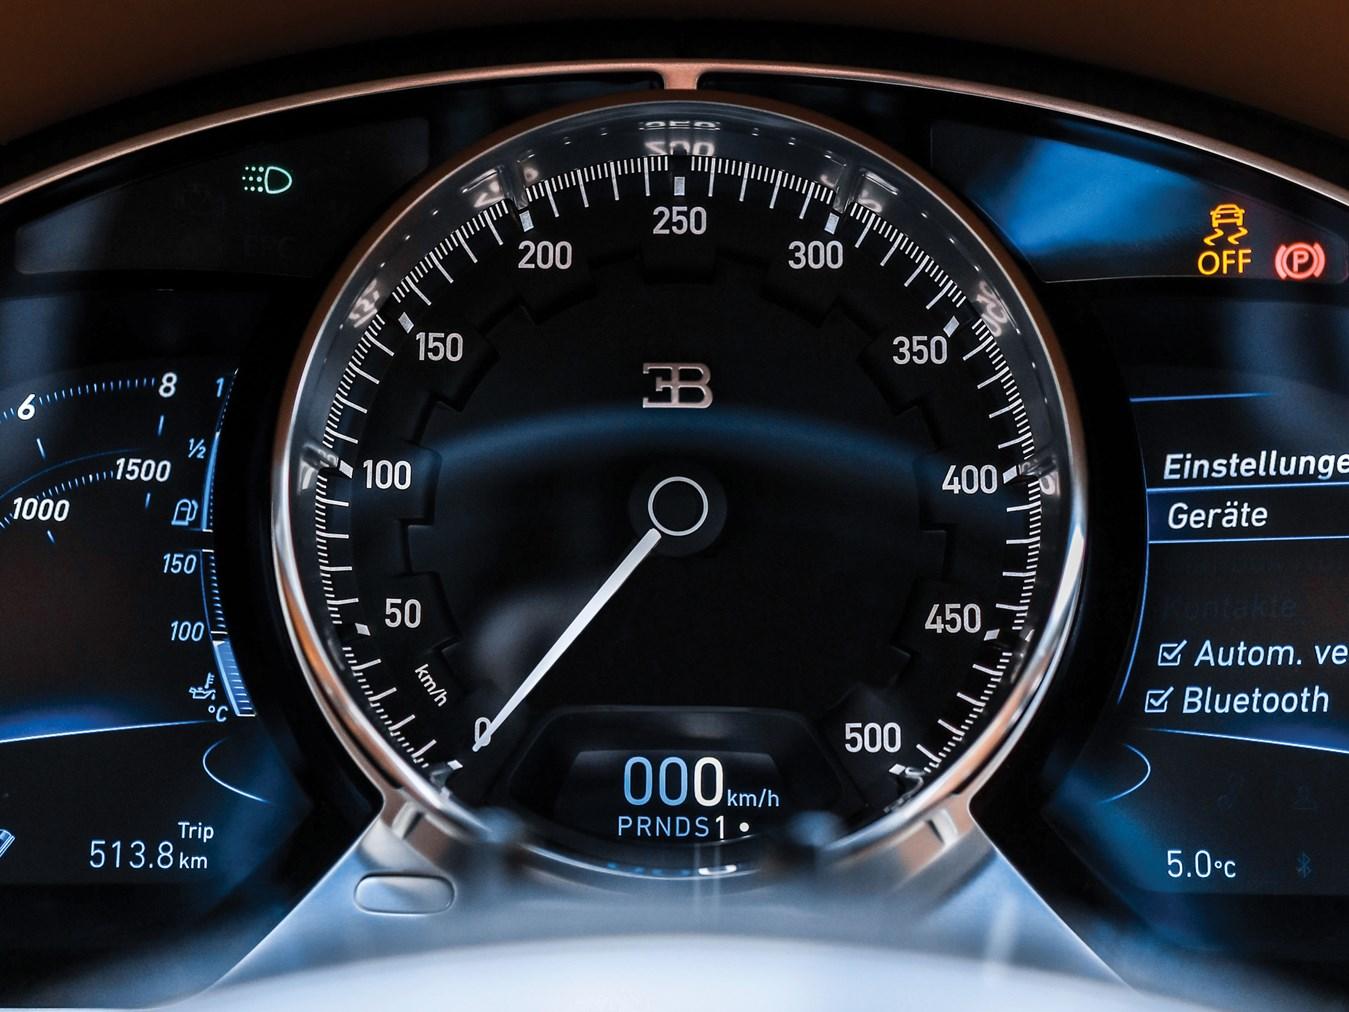 欲重夺世界最快超跑宝座,Bugatti Chiron 将推出升级版? Bugatti-Chiron-RM ...